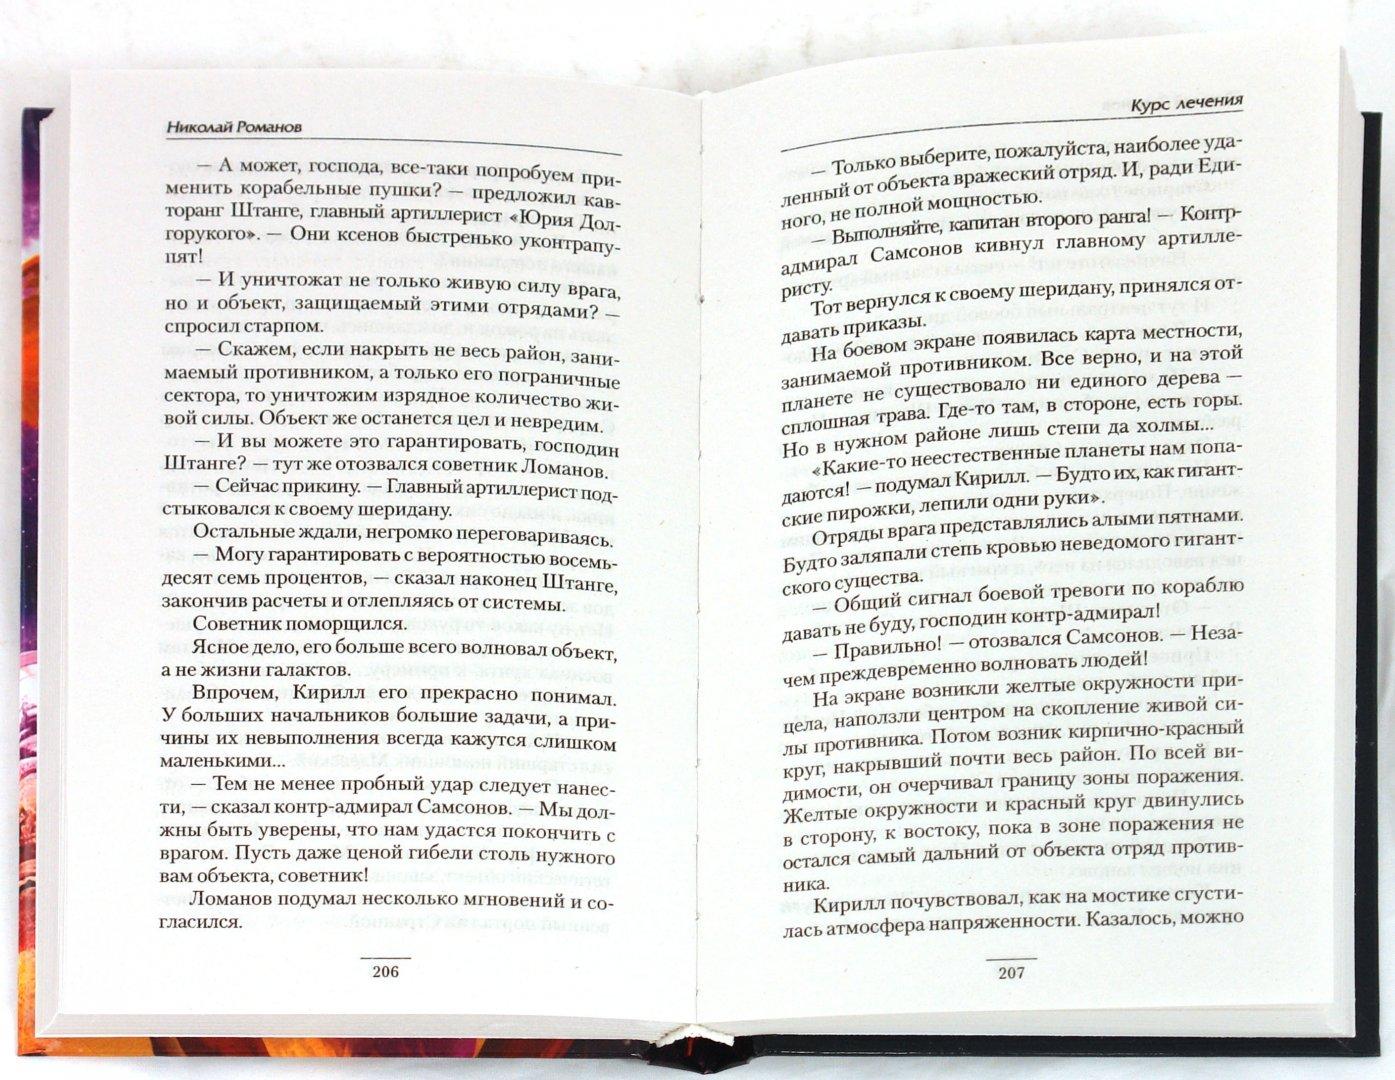 Иллюстрация 1 из 2 для Курс лечения - Николай Романов | Лабиринт - книги. Источник: Лабиринт